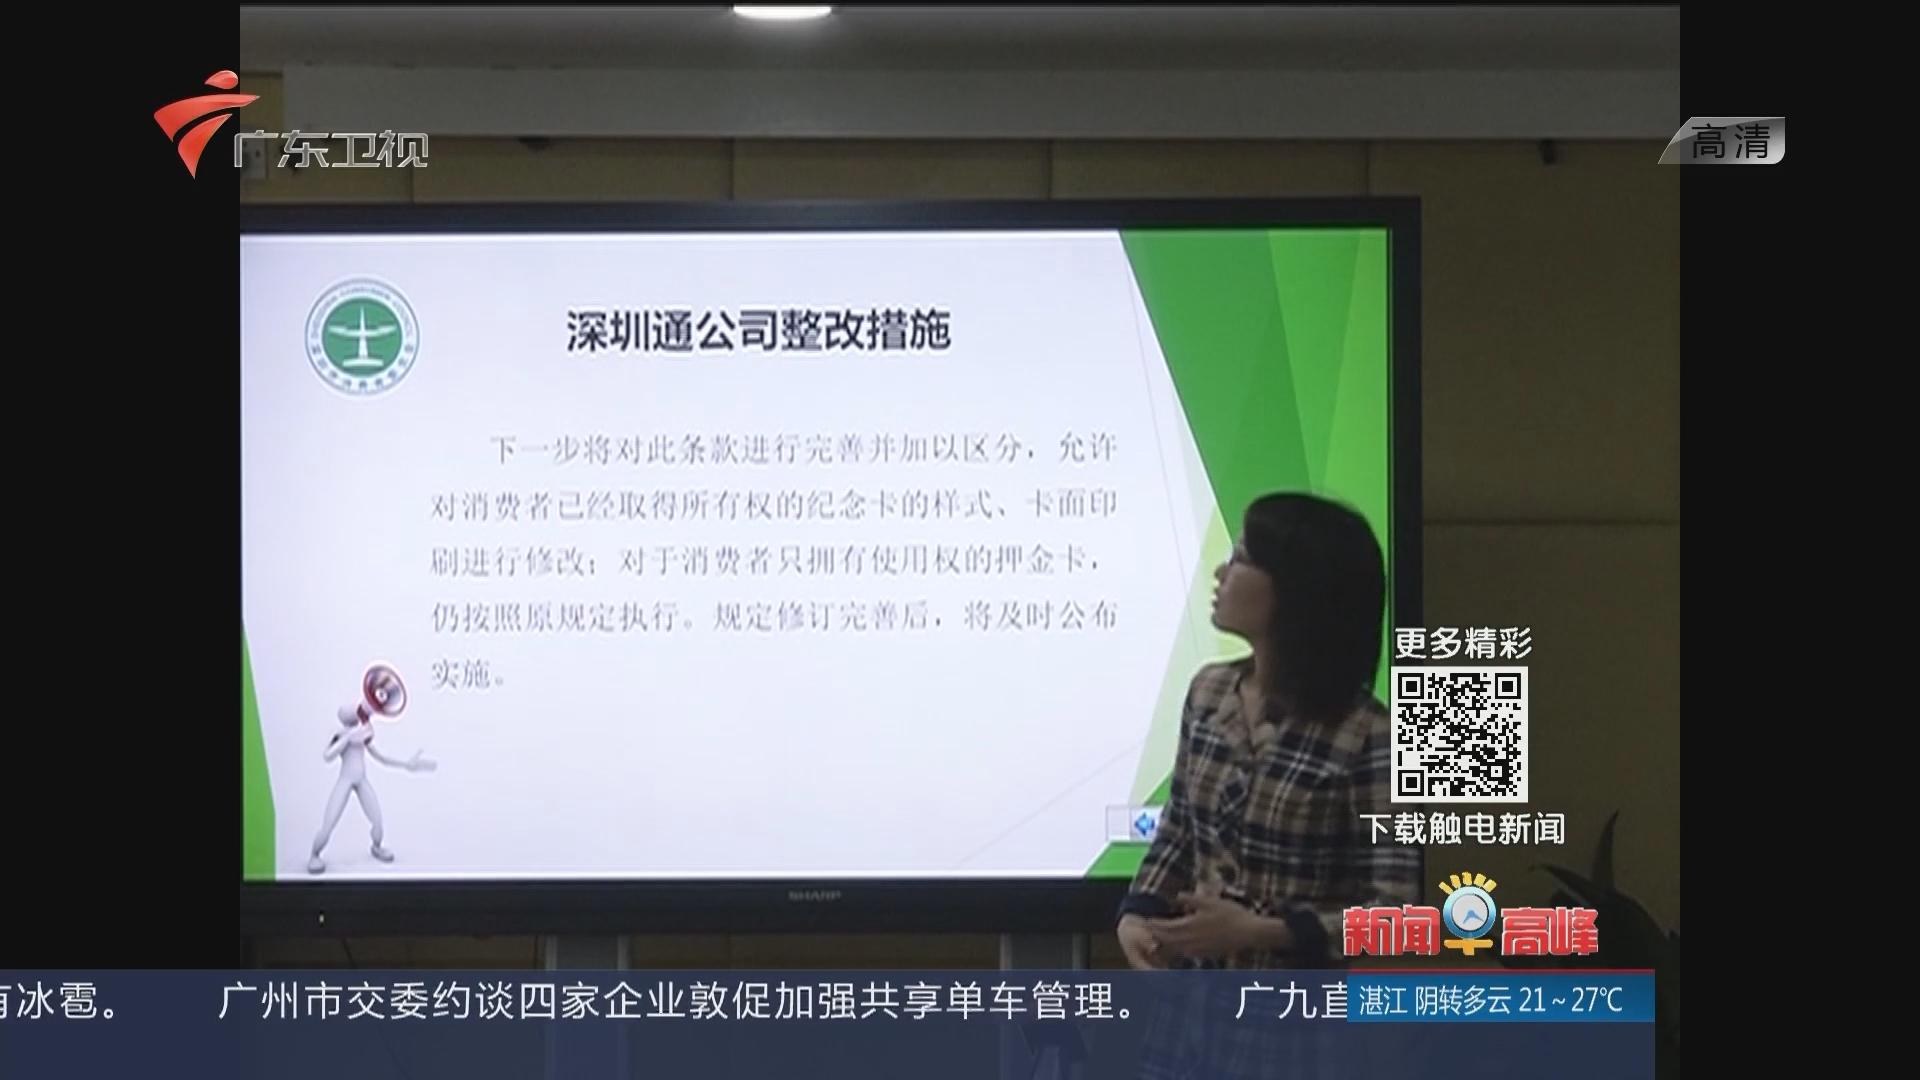 """4元成本收20元押金 """"深圳通""""霸王条款被批"""